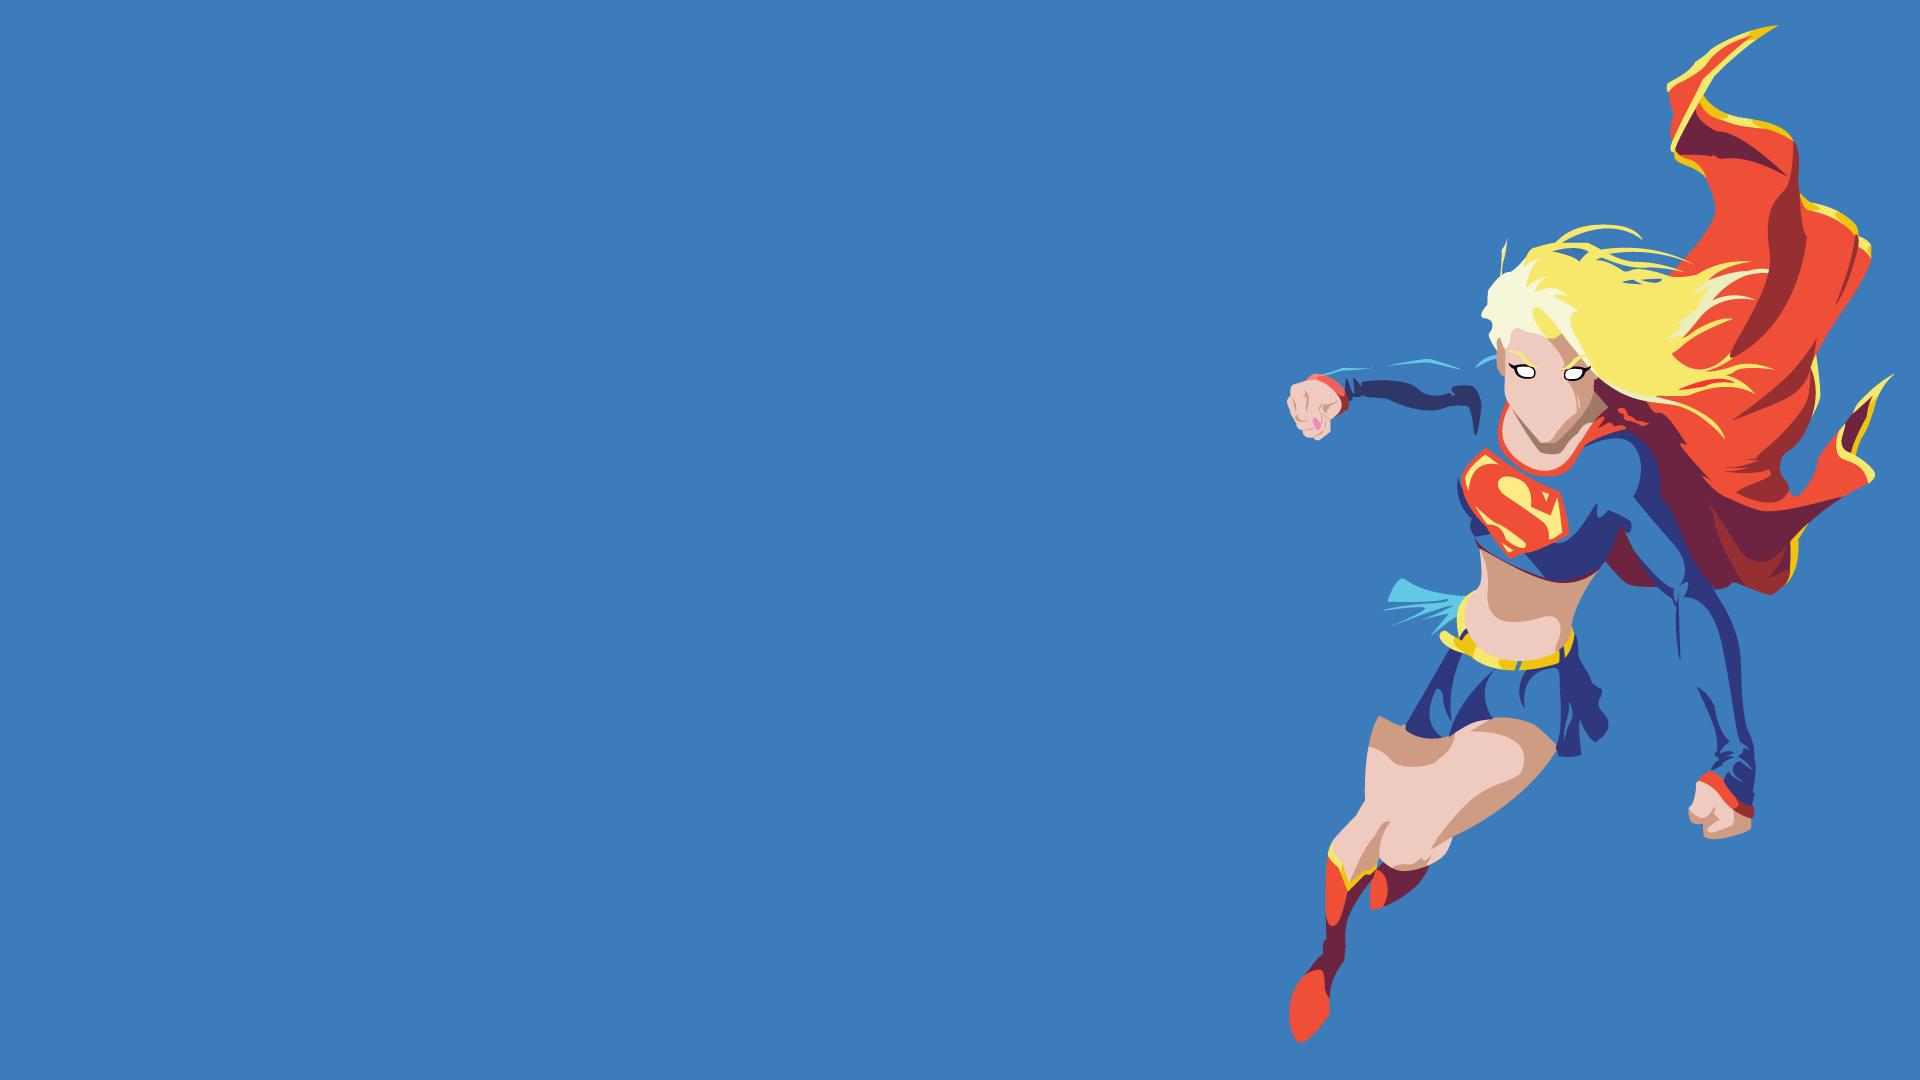 HD Superwoman Windows 10 Wallpaper   Comics HD 1920x1080 1920x1080